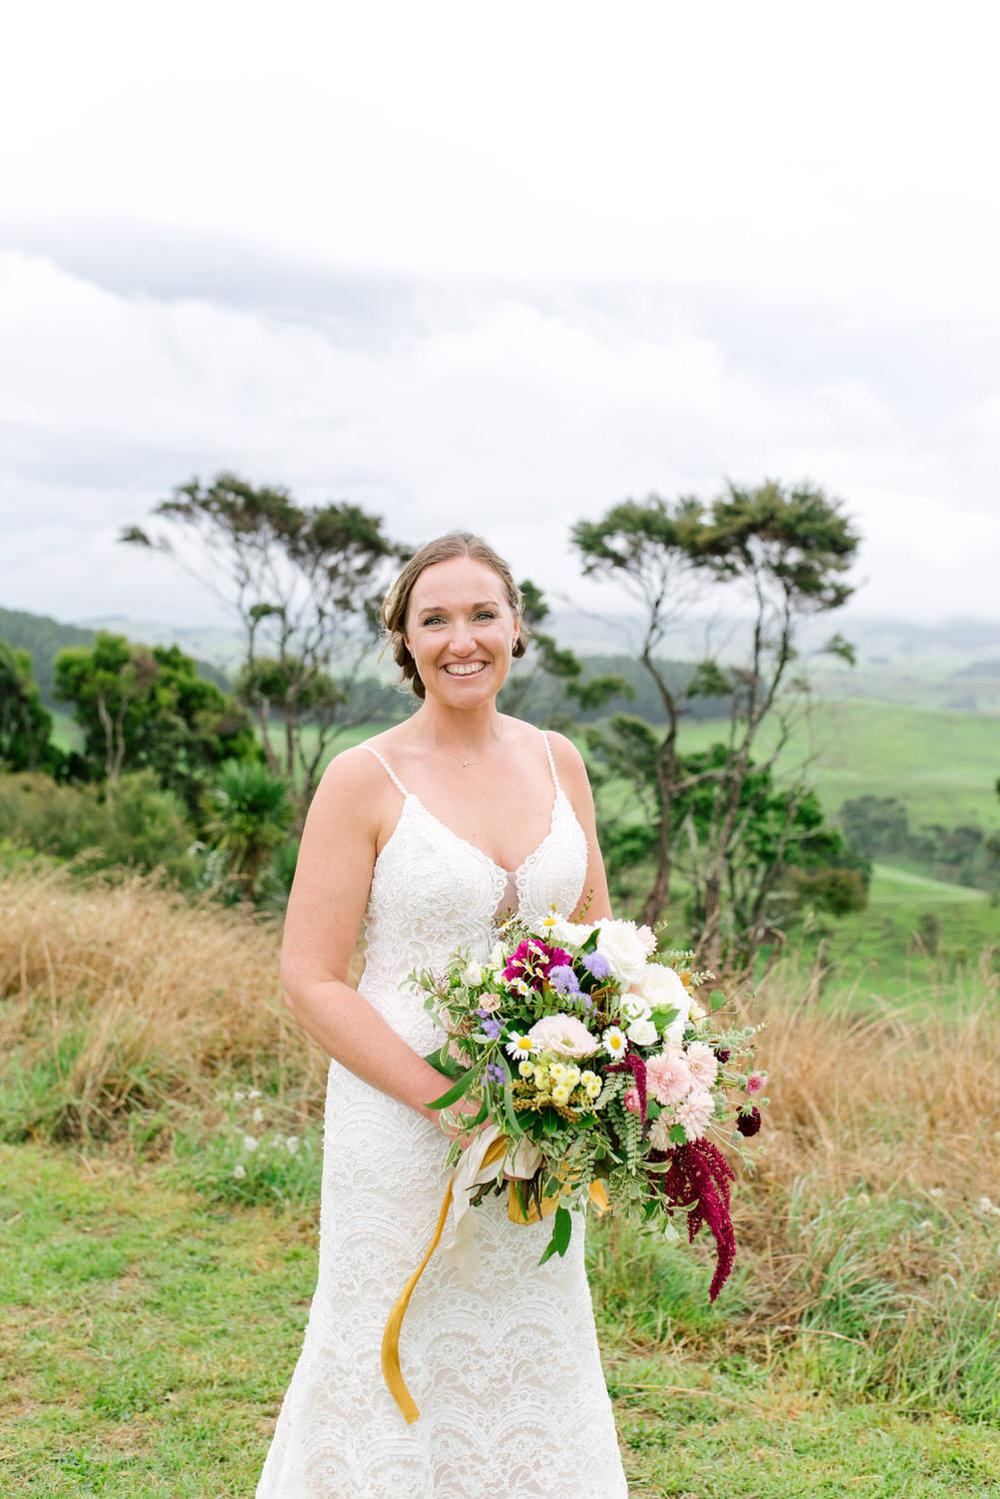 Bottega53©-new zealand wedding - lynsday&dillan-61.JPG